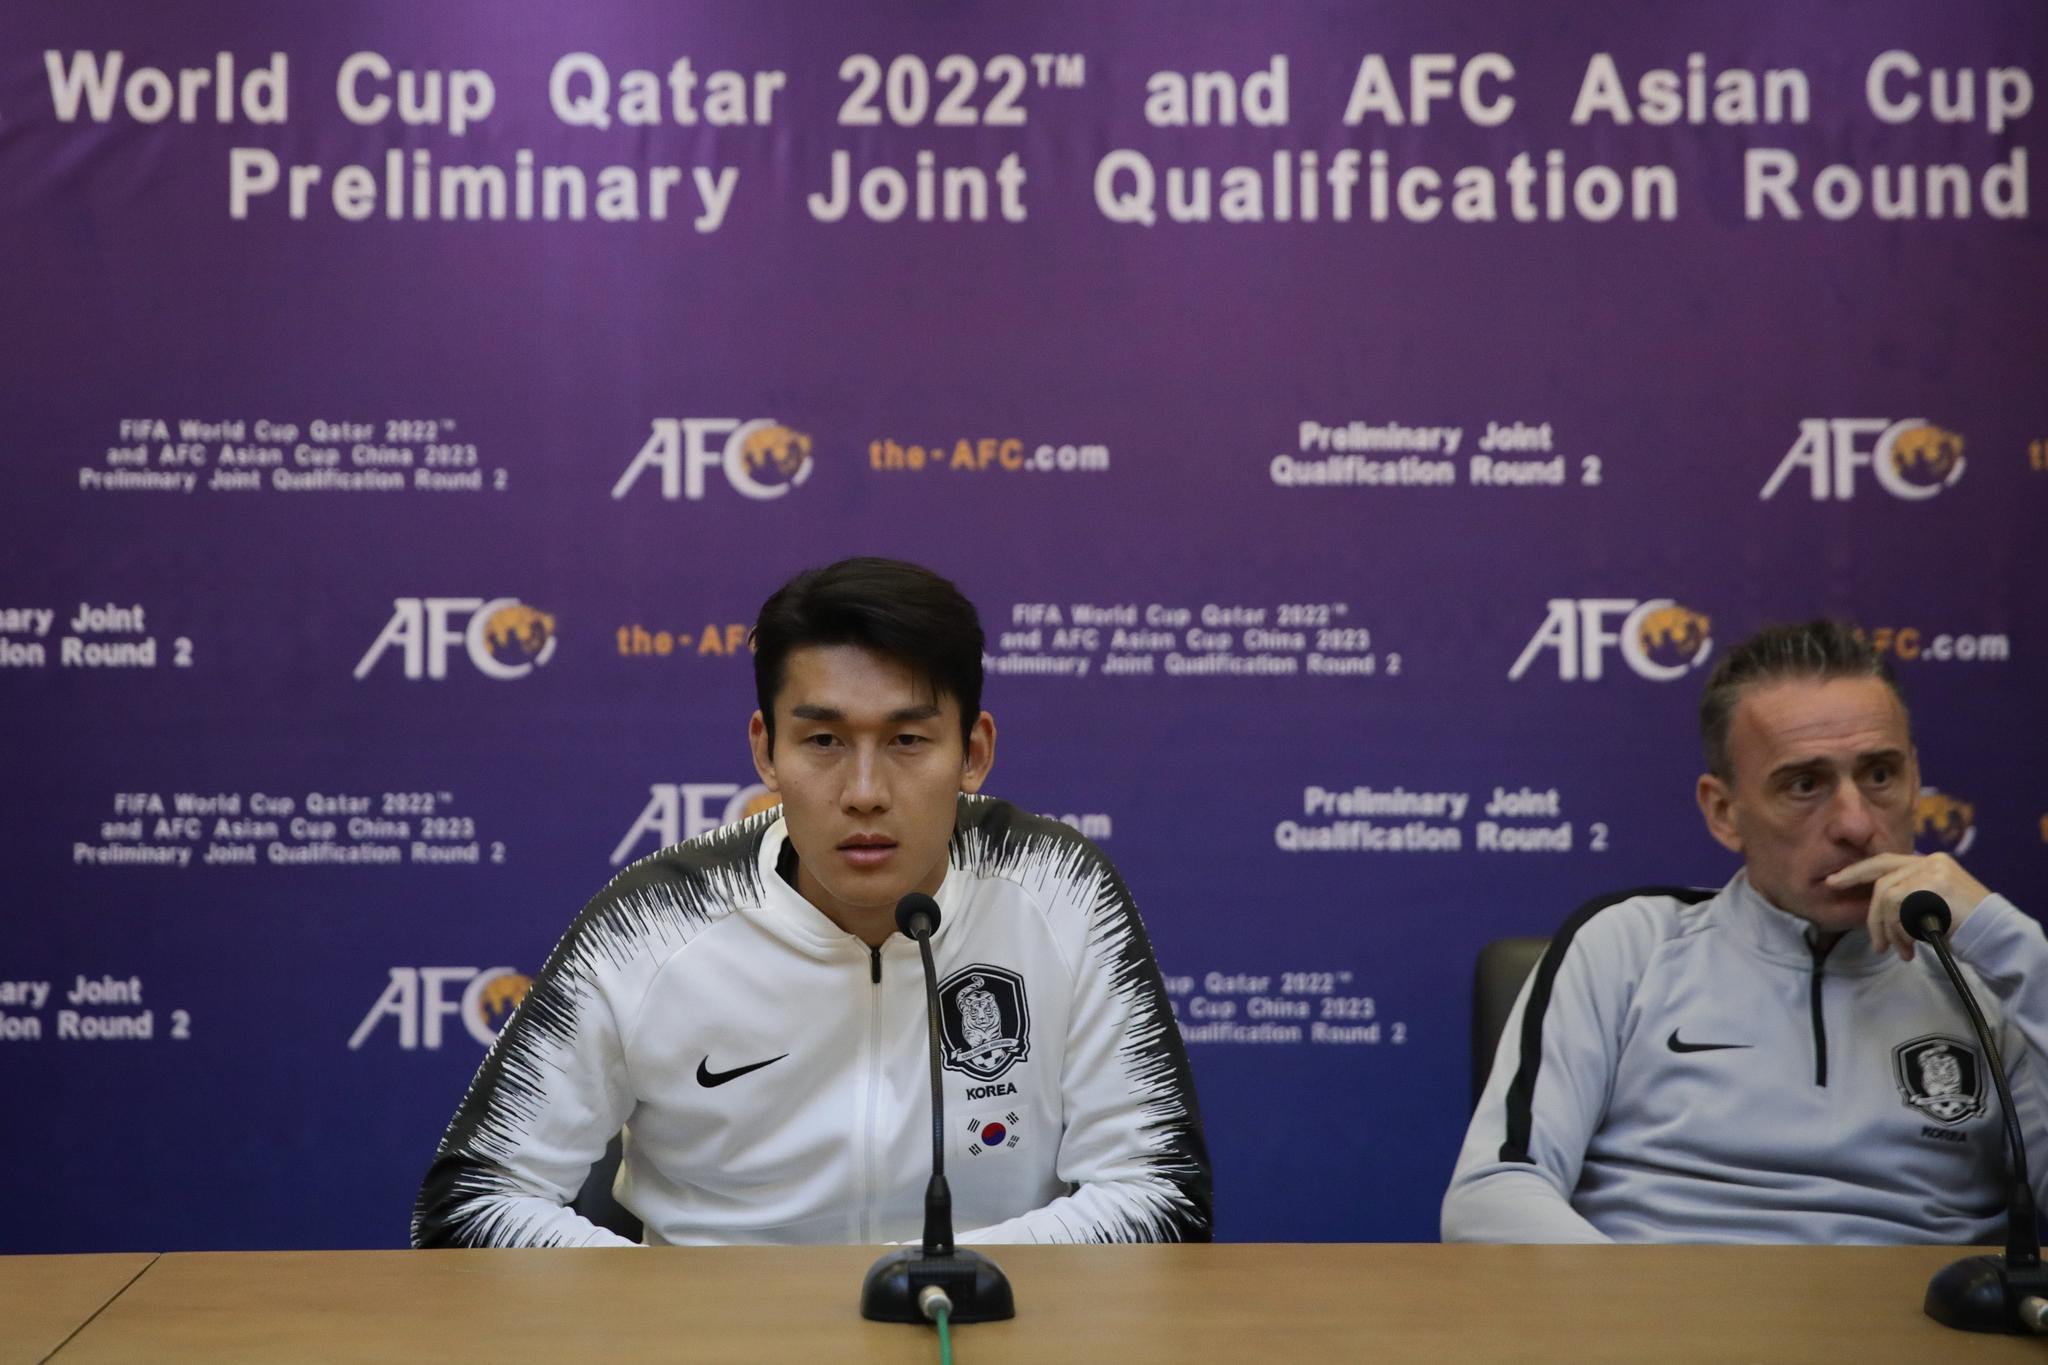 한국축구대표팀 벤투(오른쪽) 감독과 수비수 이용(왼쪽)이 14일 평양김일성경기장에서 열린 기자회견에 참석했다. 기자회견 사진과 내용은 한국에는 하루 뒤에야 전해졌다. [사진 대한축구협회]